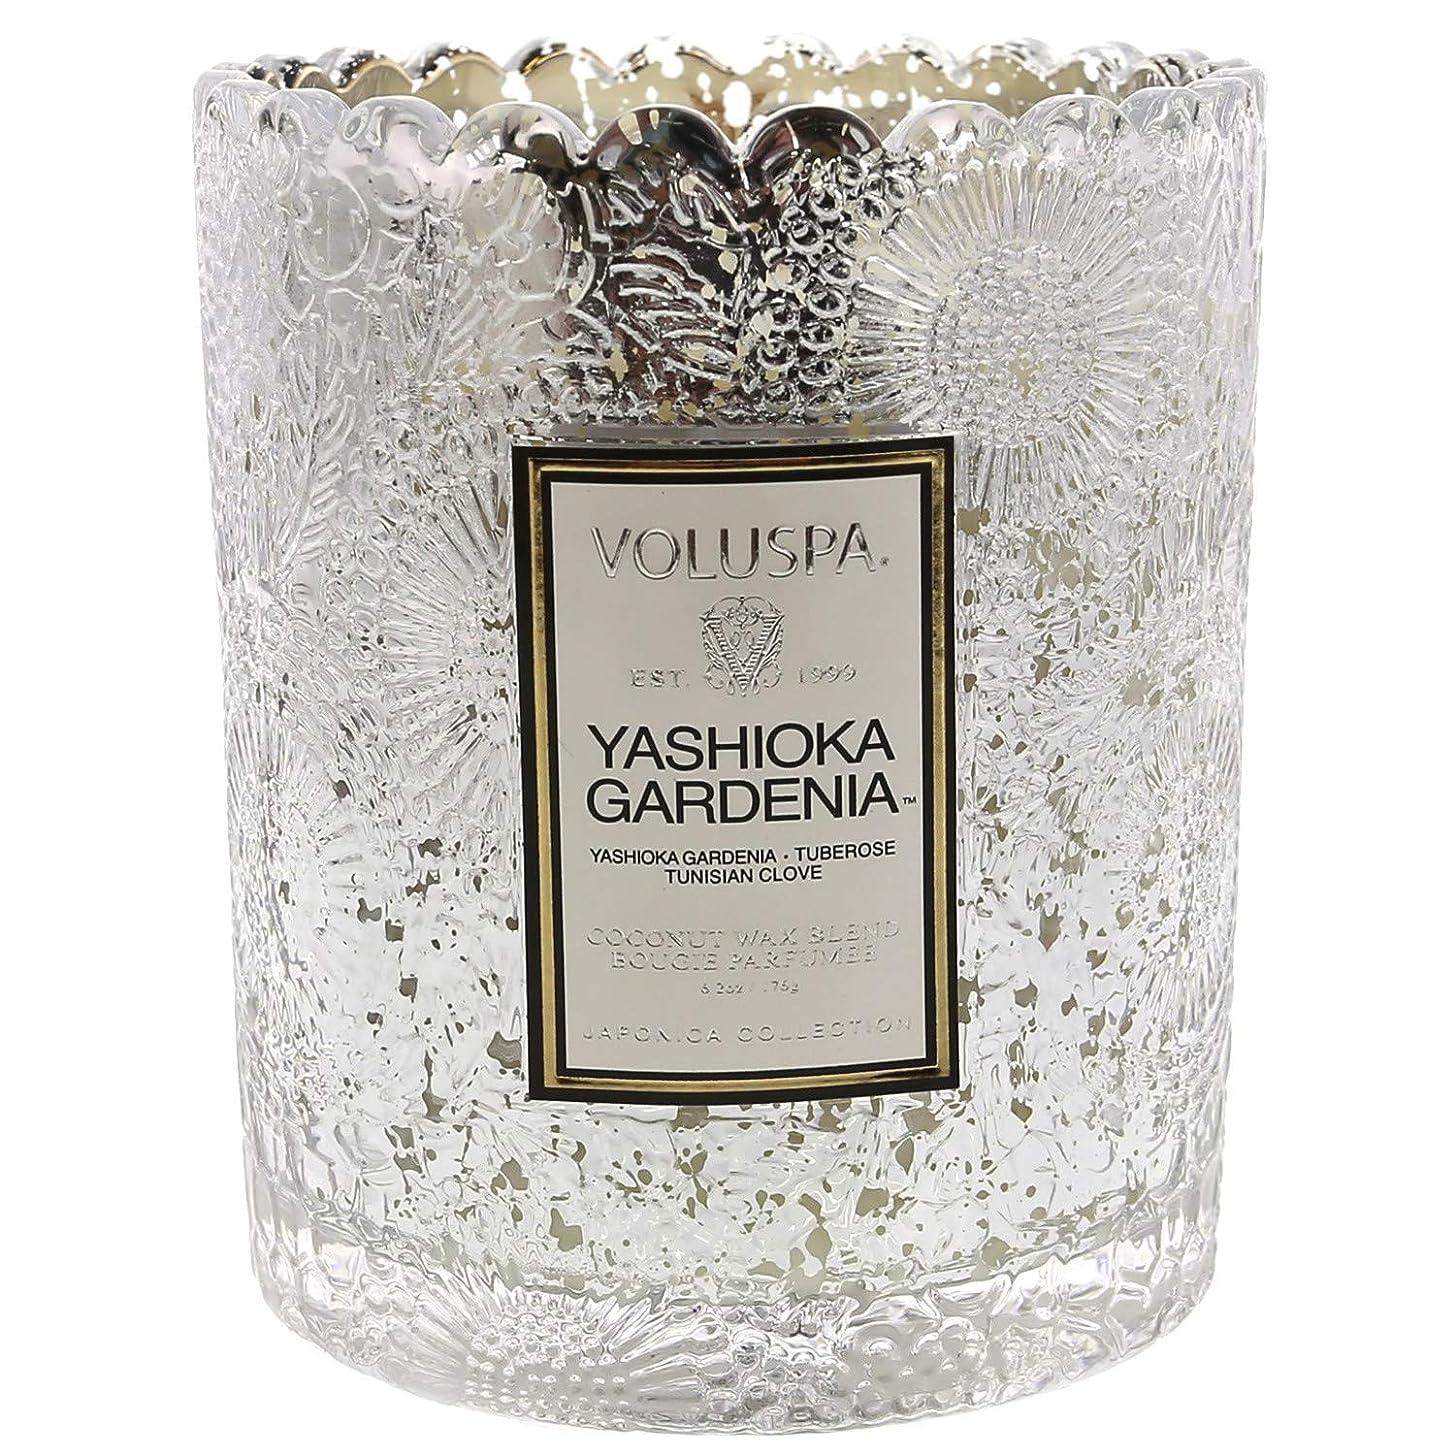 才能のある敵ジャンピングジャックVoluspa ボルスパ ジャポニカ リミテッド スカラップグラスキャンドル  ヤシオカガーデニア YASHIOKA GARDENIA JAPONICA Limited SCALLOPED EDGE Glass Candle